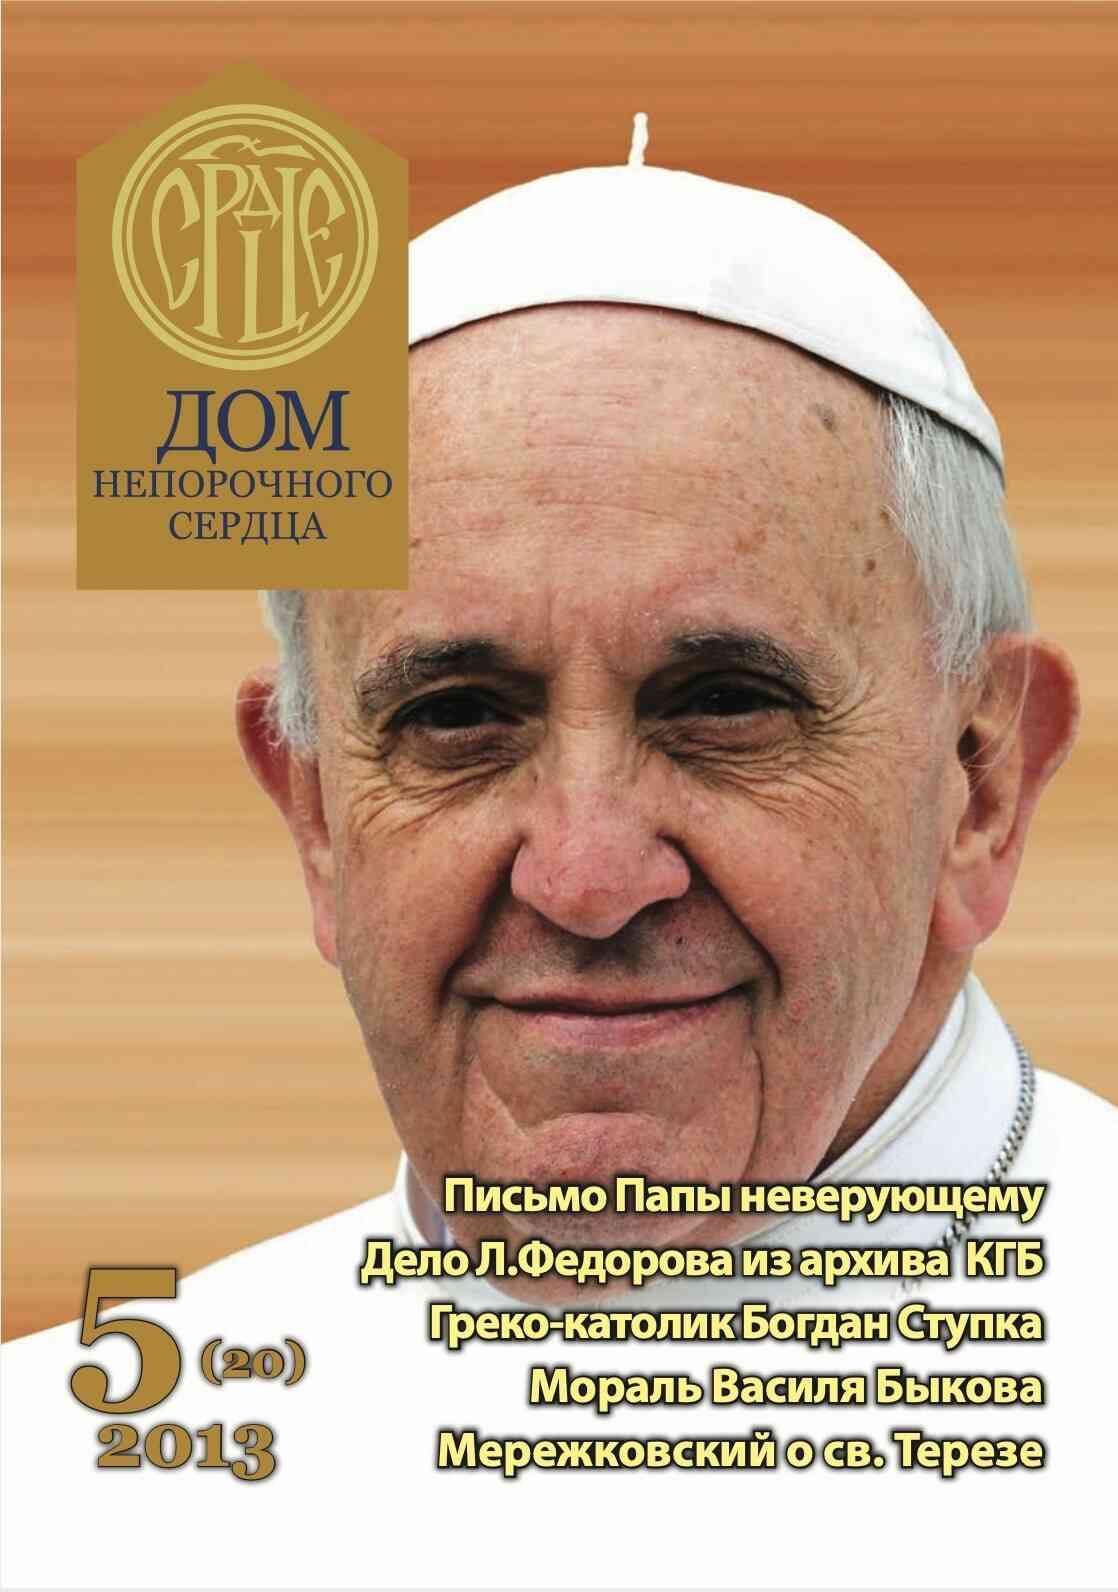 Журнал «Дом Непорочного Сердца» № 5 (20) 2013 год